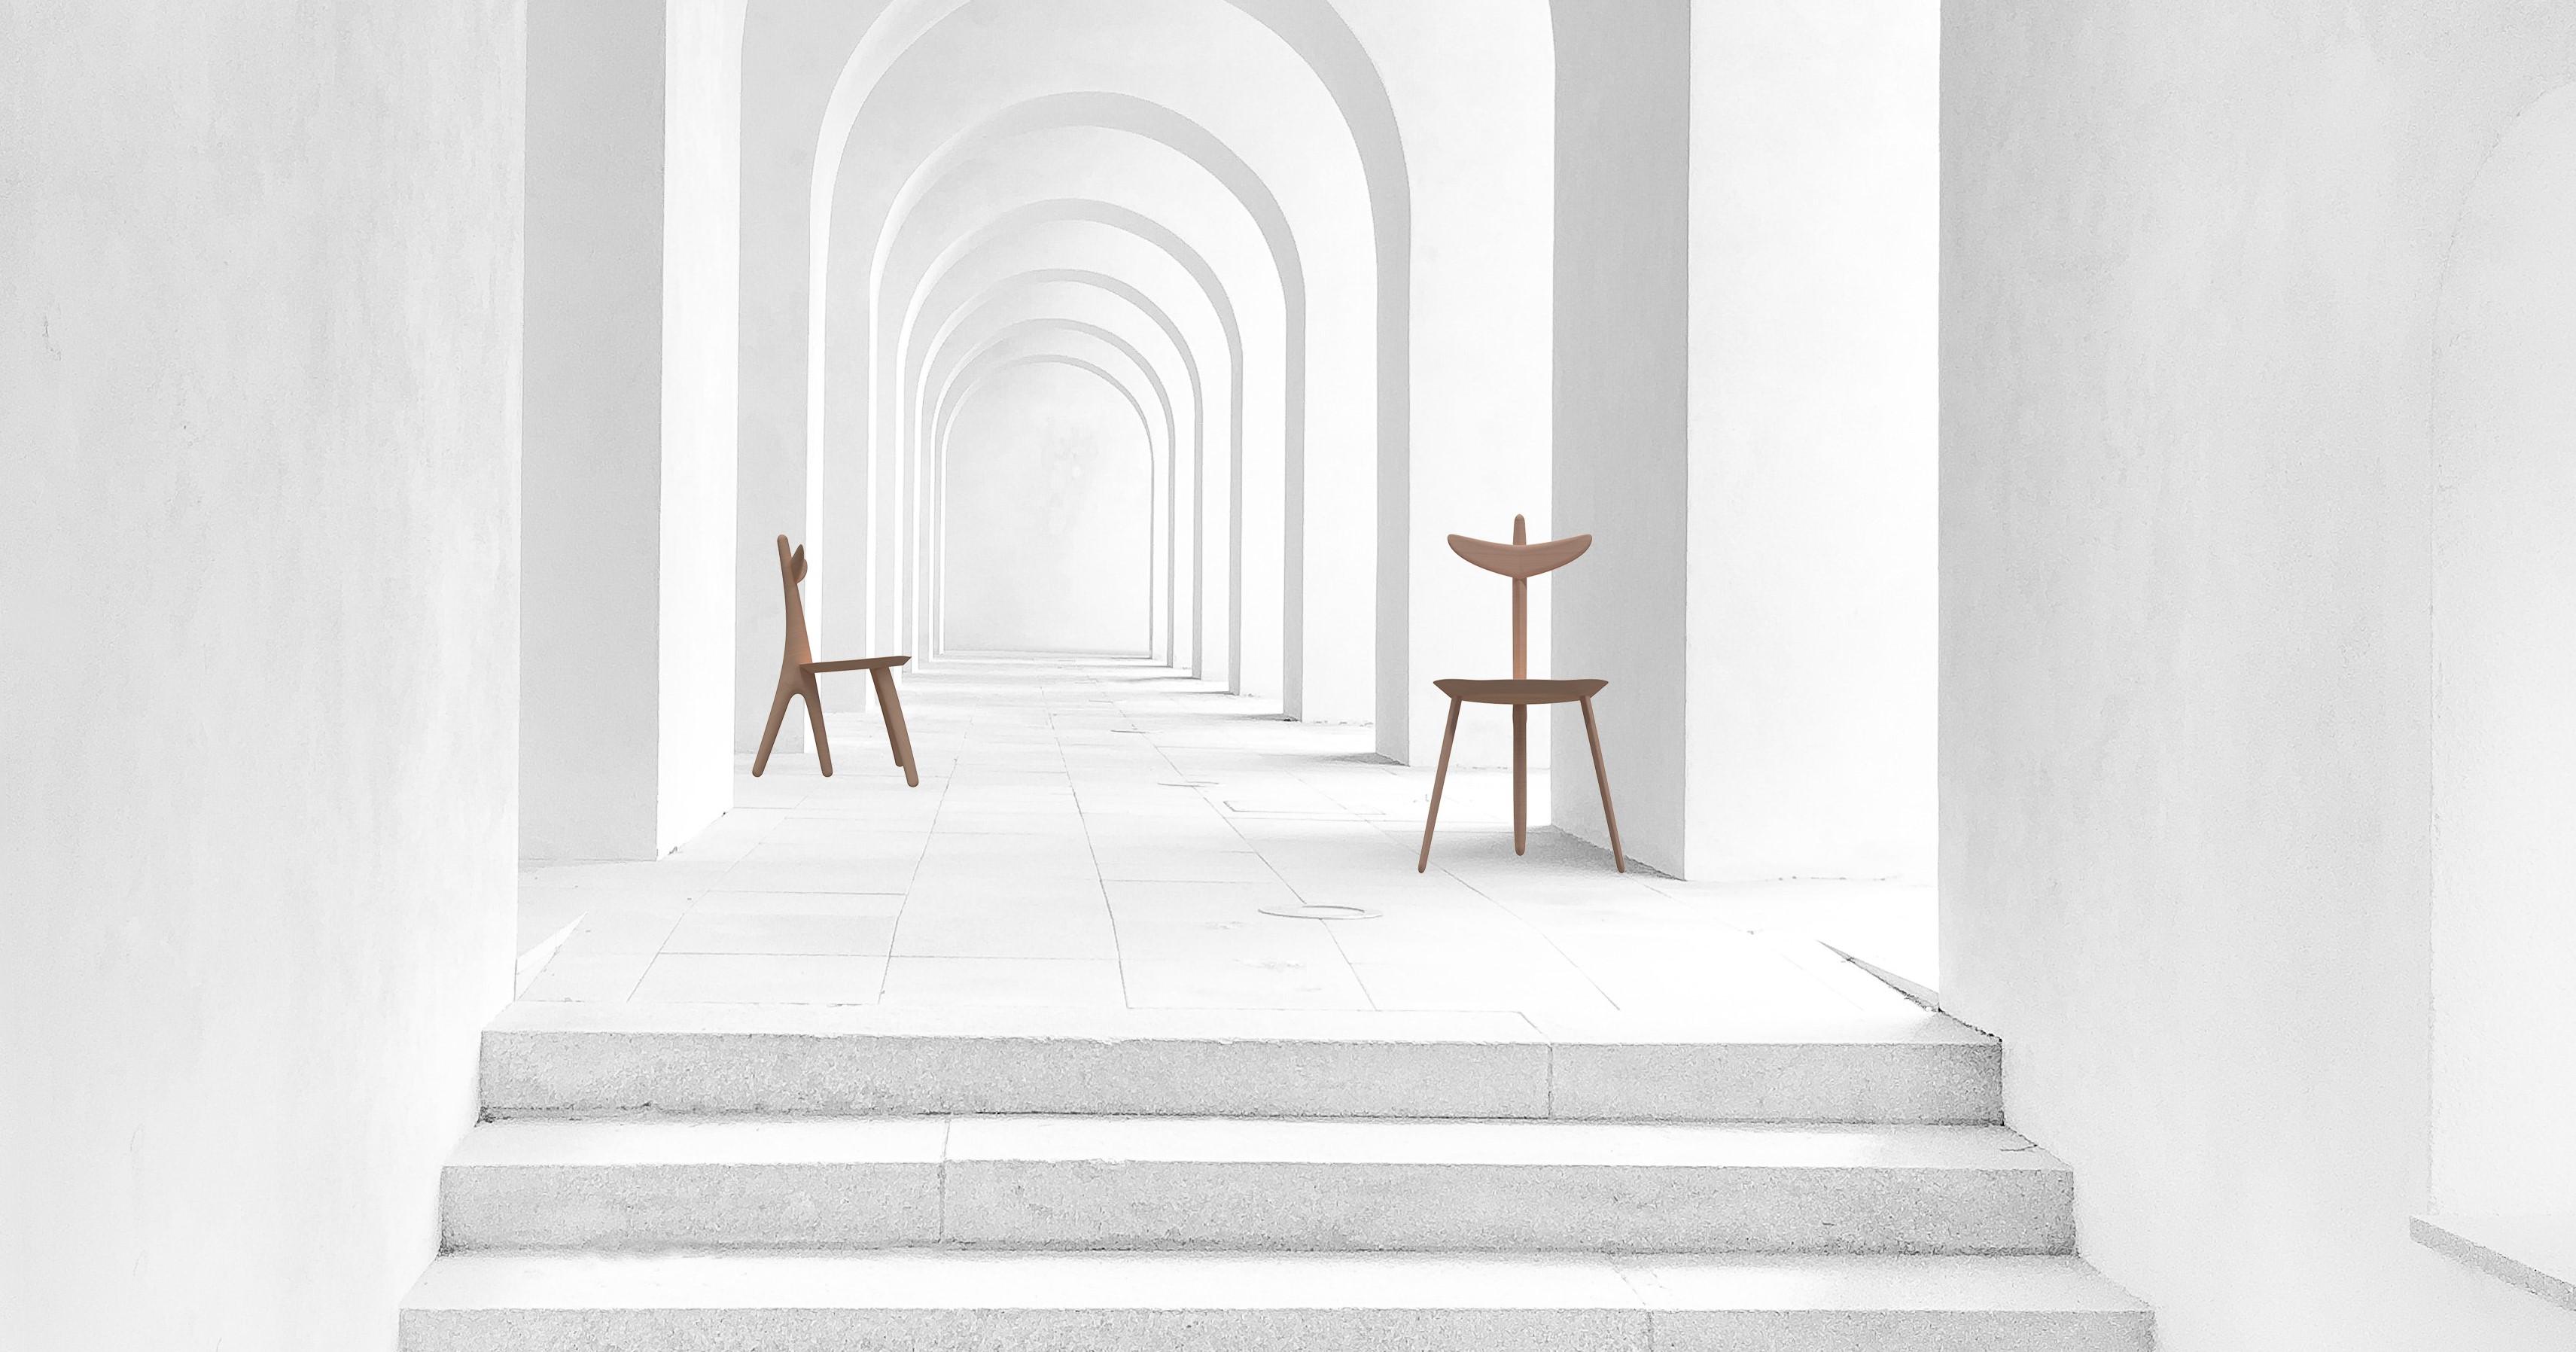 The Arcus Chair